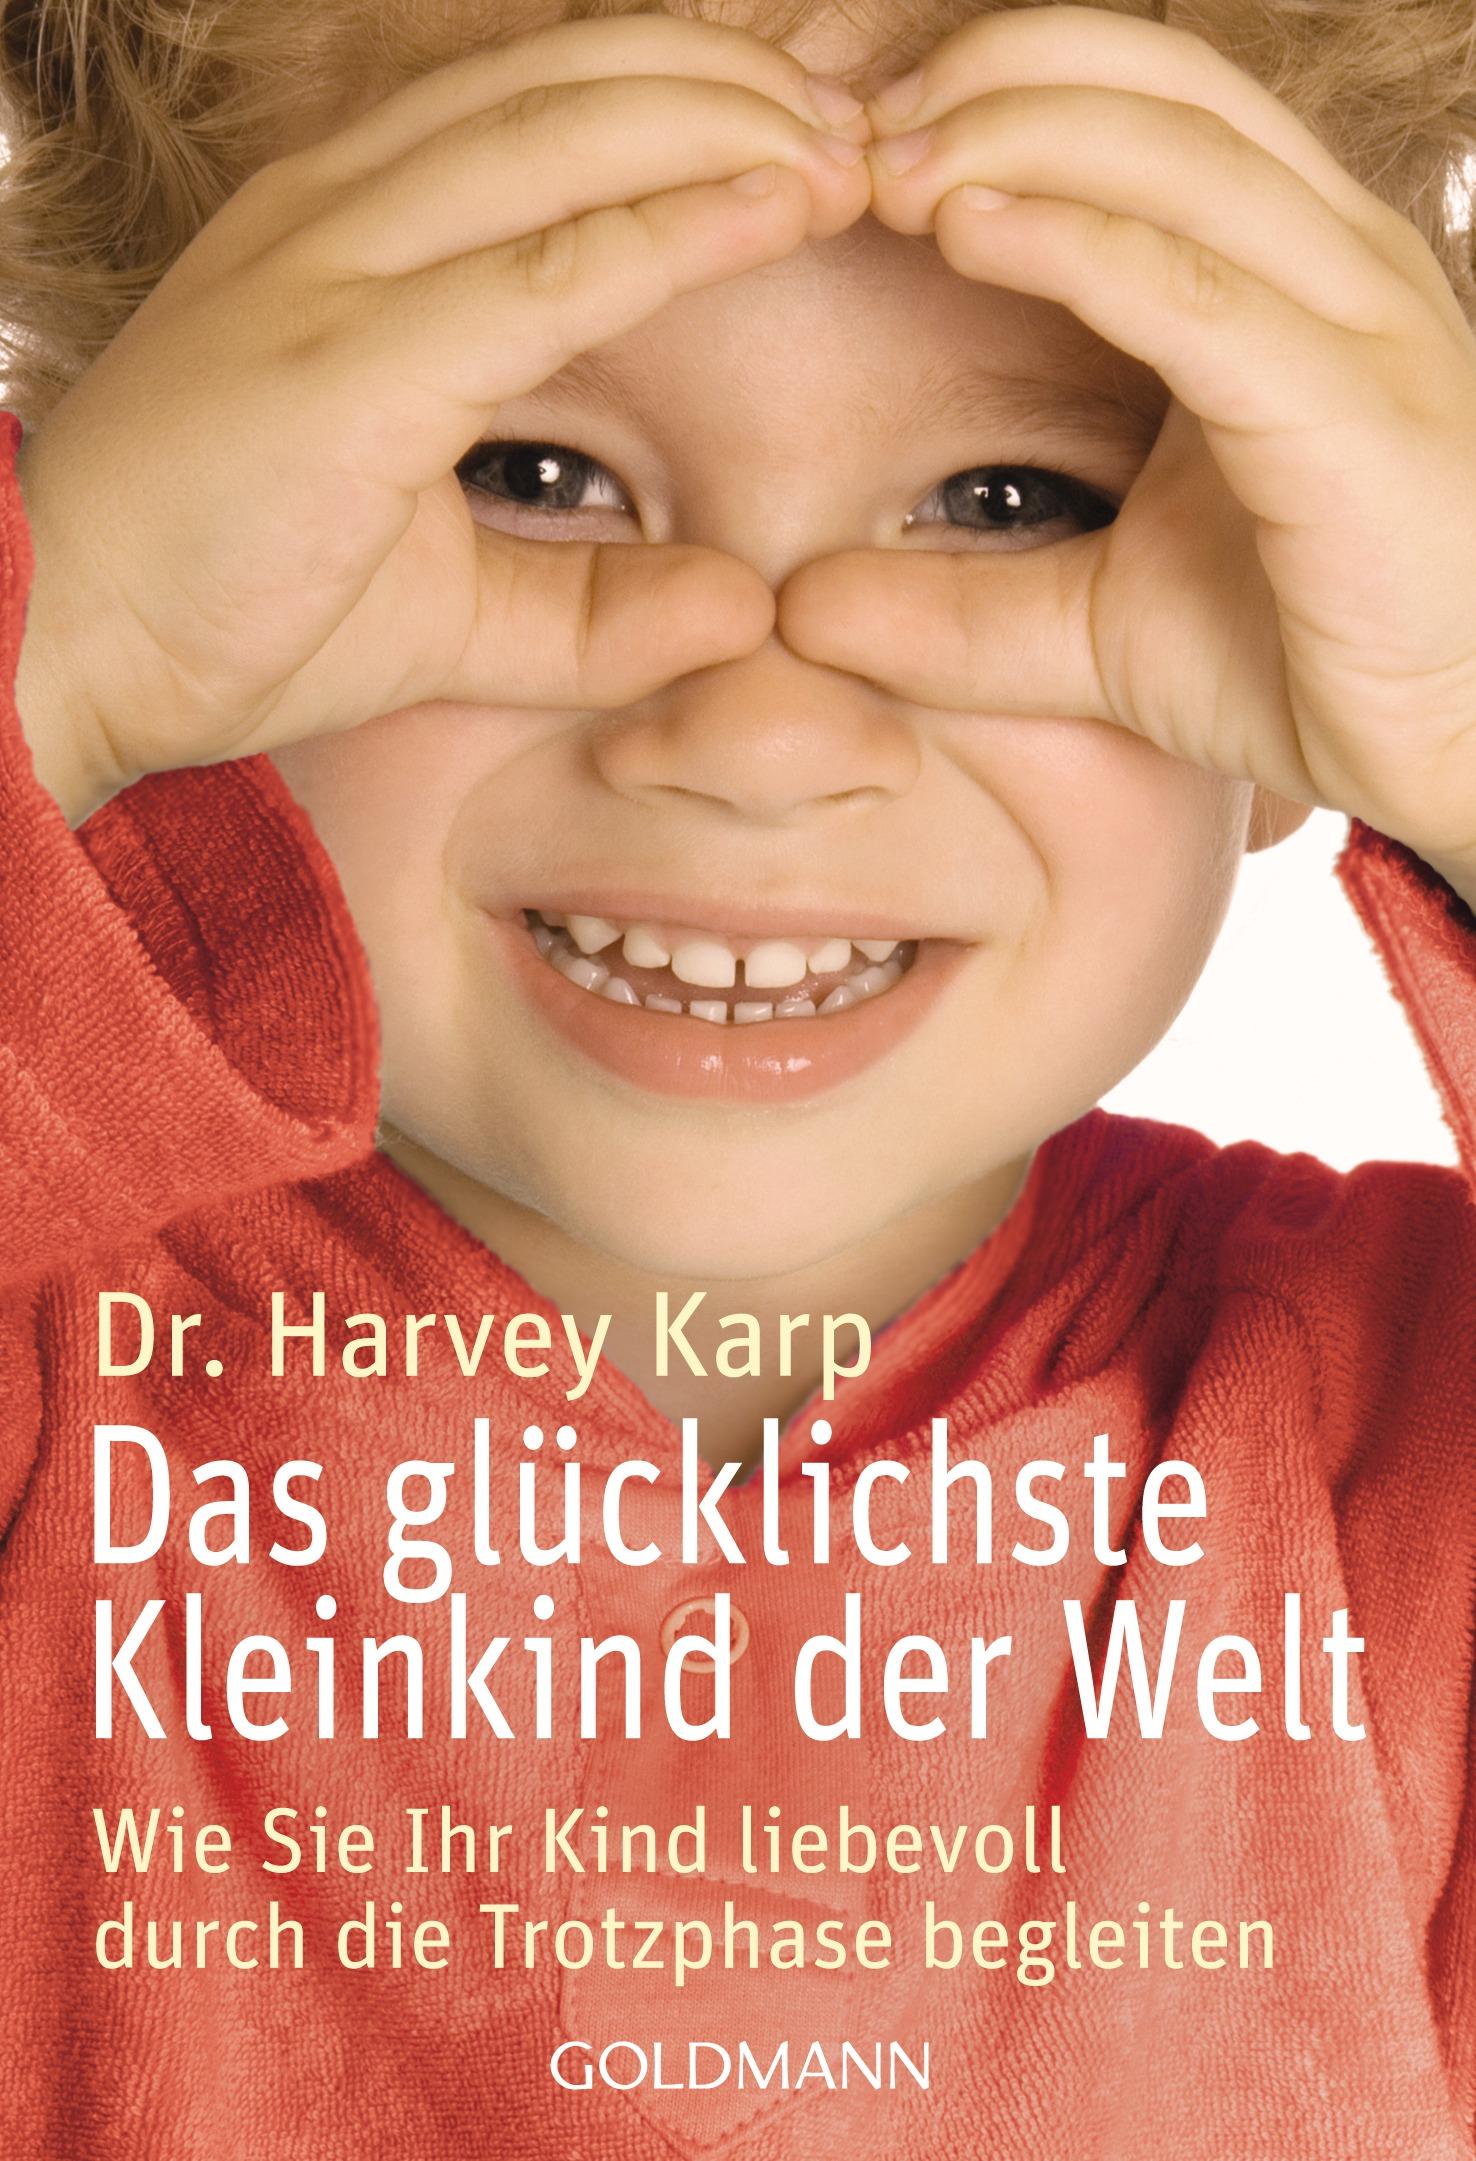 Das glücklichste Kleinkind der Welt: Wie Sie Ihr Kind liebevoll durch die Trotzphase begleiten - Harvey Karp